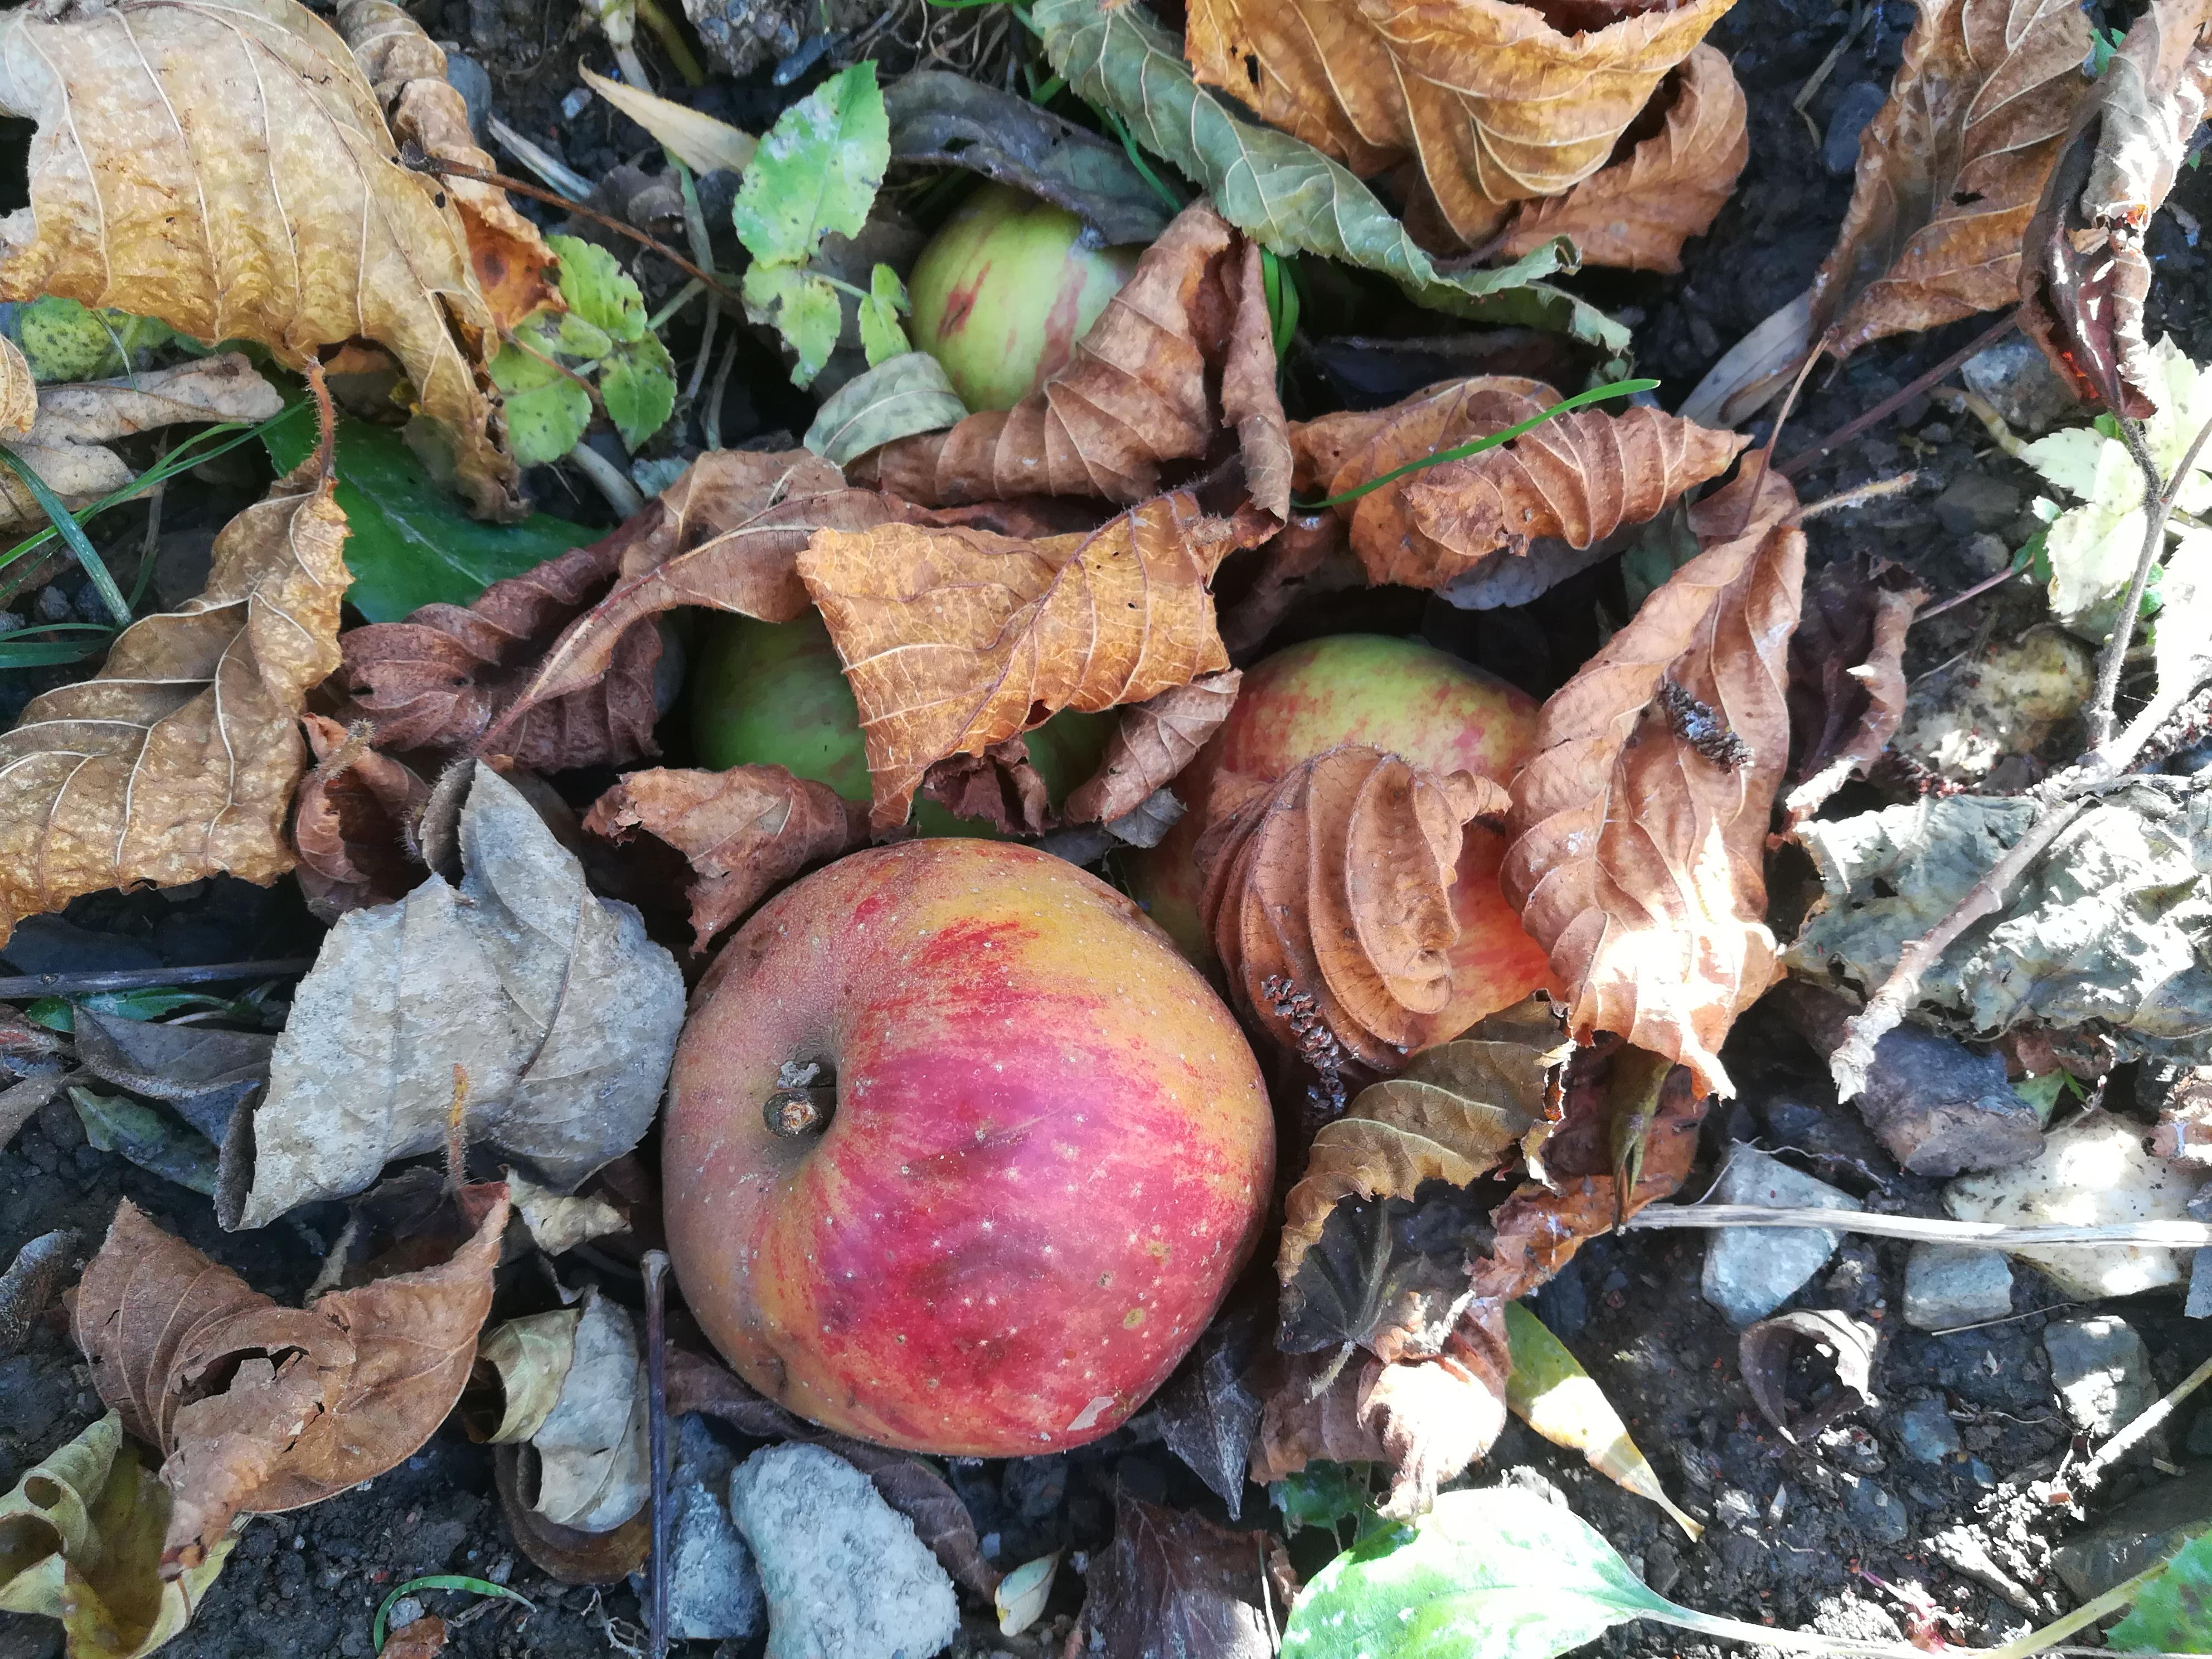 Pommes parmi les feuilles mortes d'automne